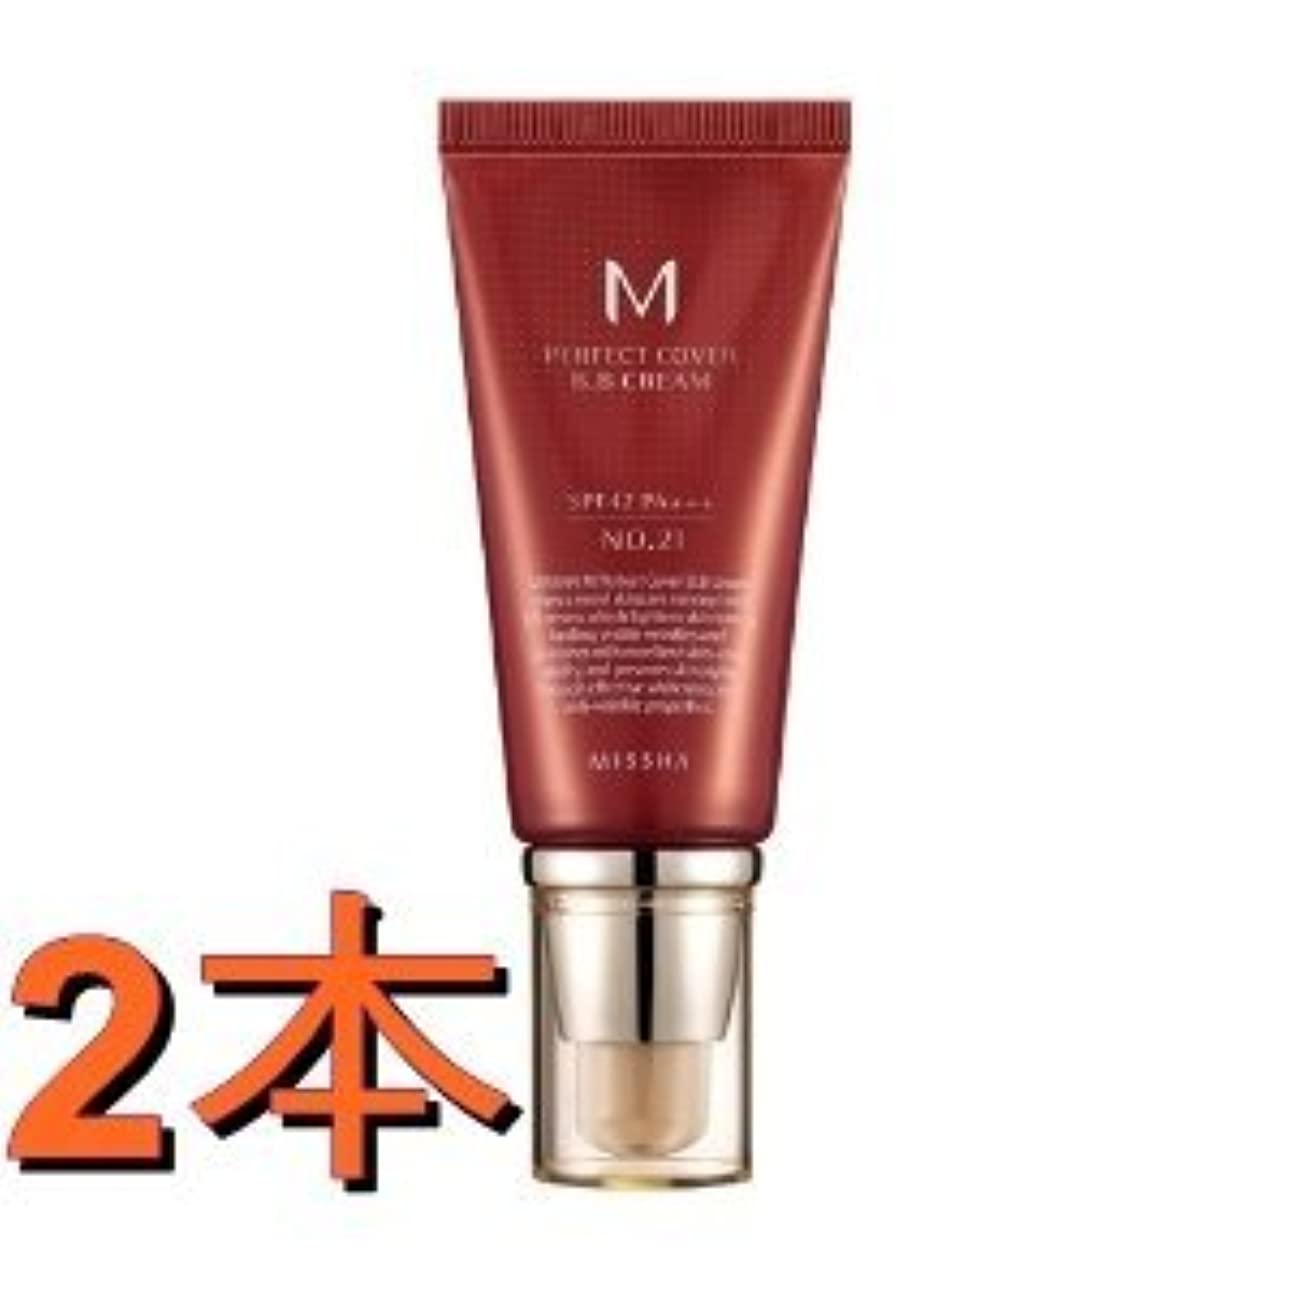 わずかに依存幻滅するミシャ(MISSHA) M パーフェクトカバー BB クリーム 2本セット NO.23 (ナチュラルでおちつきのある肌色) SPF42 PA++ 50ml[並行輸入品]